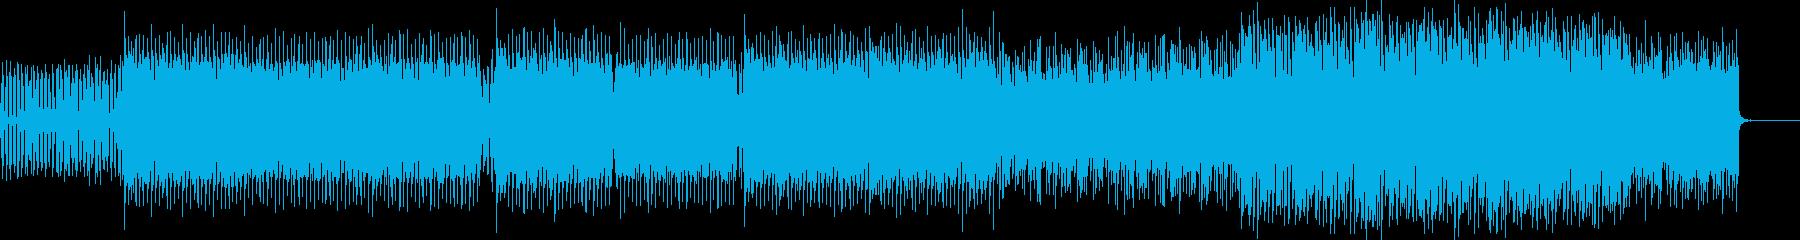 電気研究所パルスバウンスダンスビー...の再生済みの波形